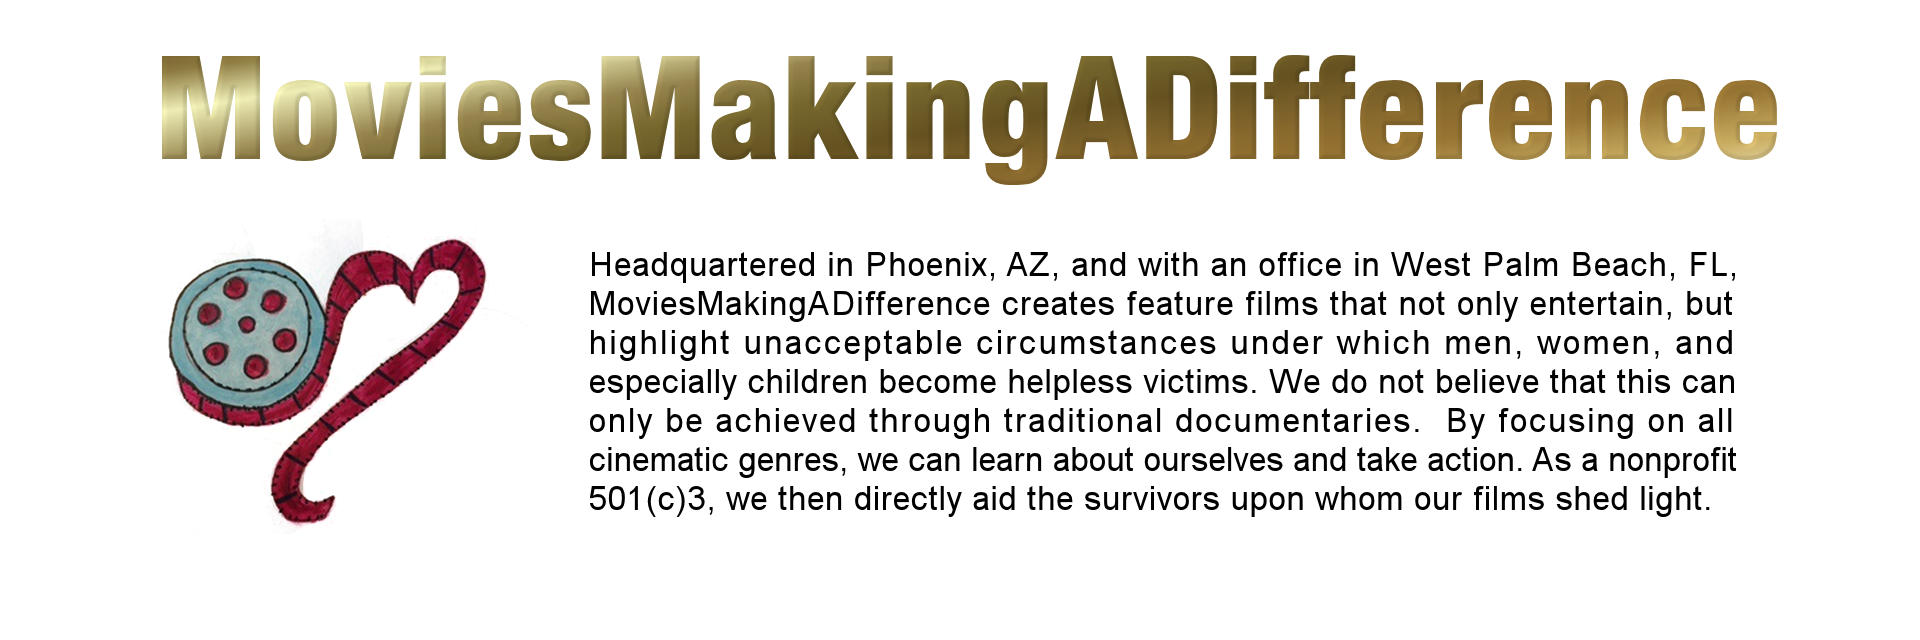 MoviesMakingADifference-STOP Human Trafficking